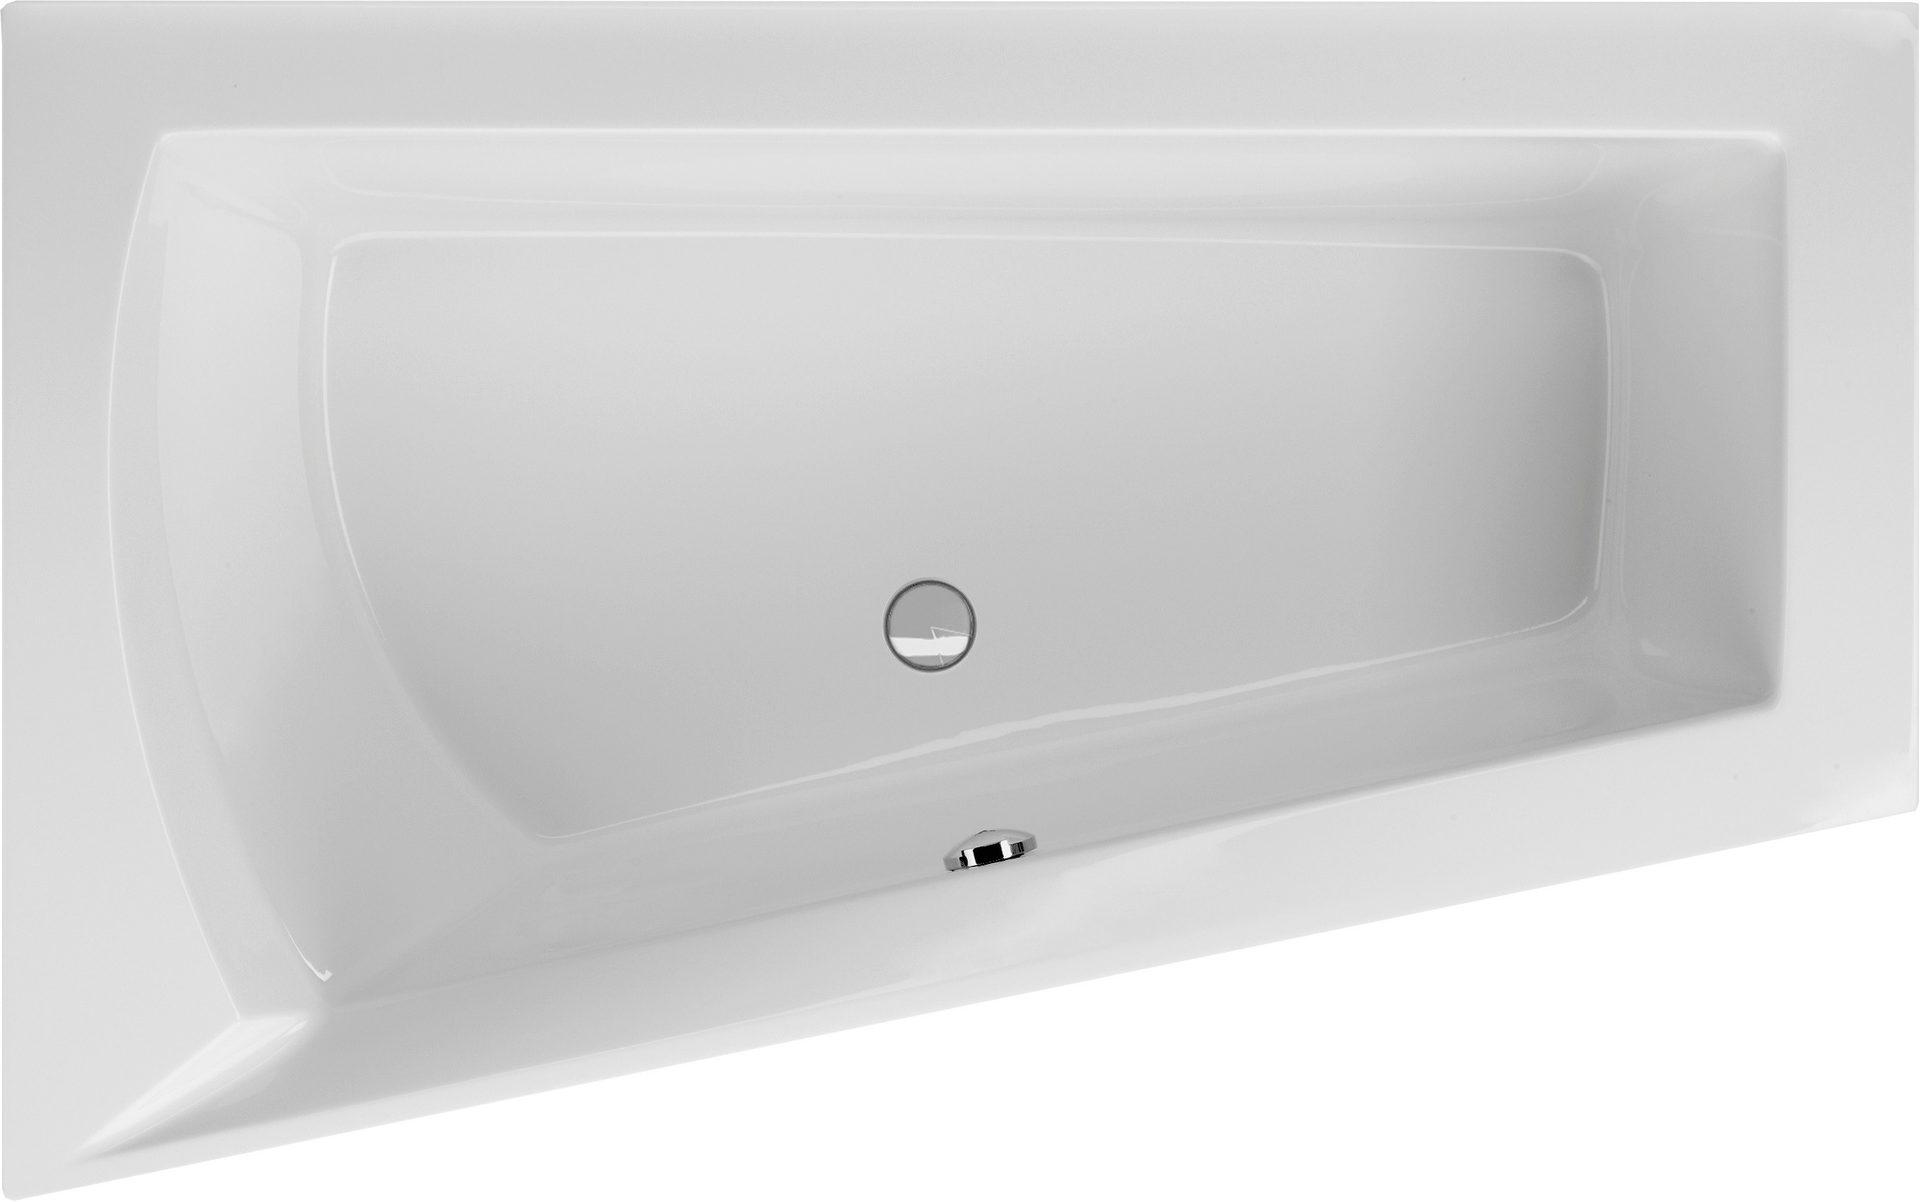 Raumsparbadewanne 170 x 100 cm trapez badewanne ablauf mittig for Asymmetrische badewanne 170